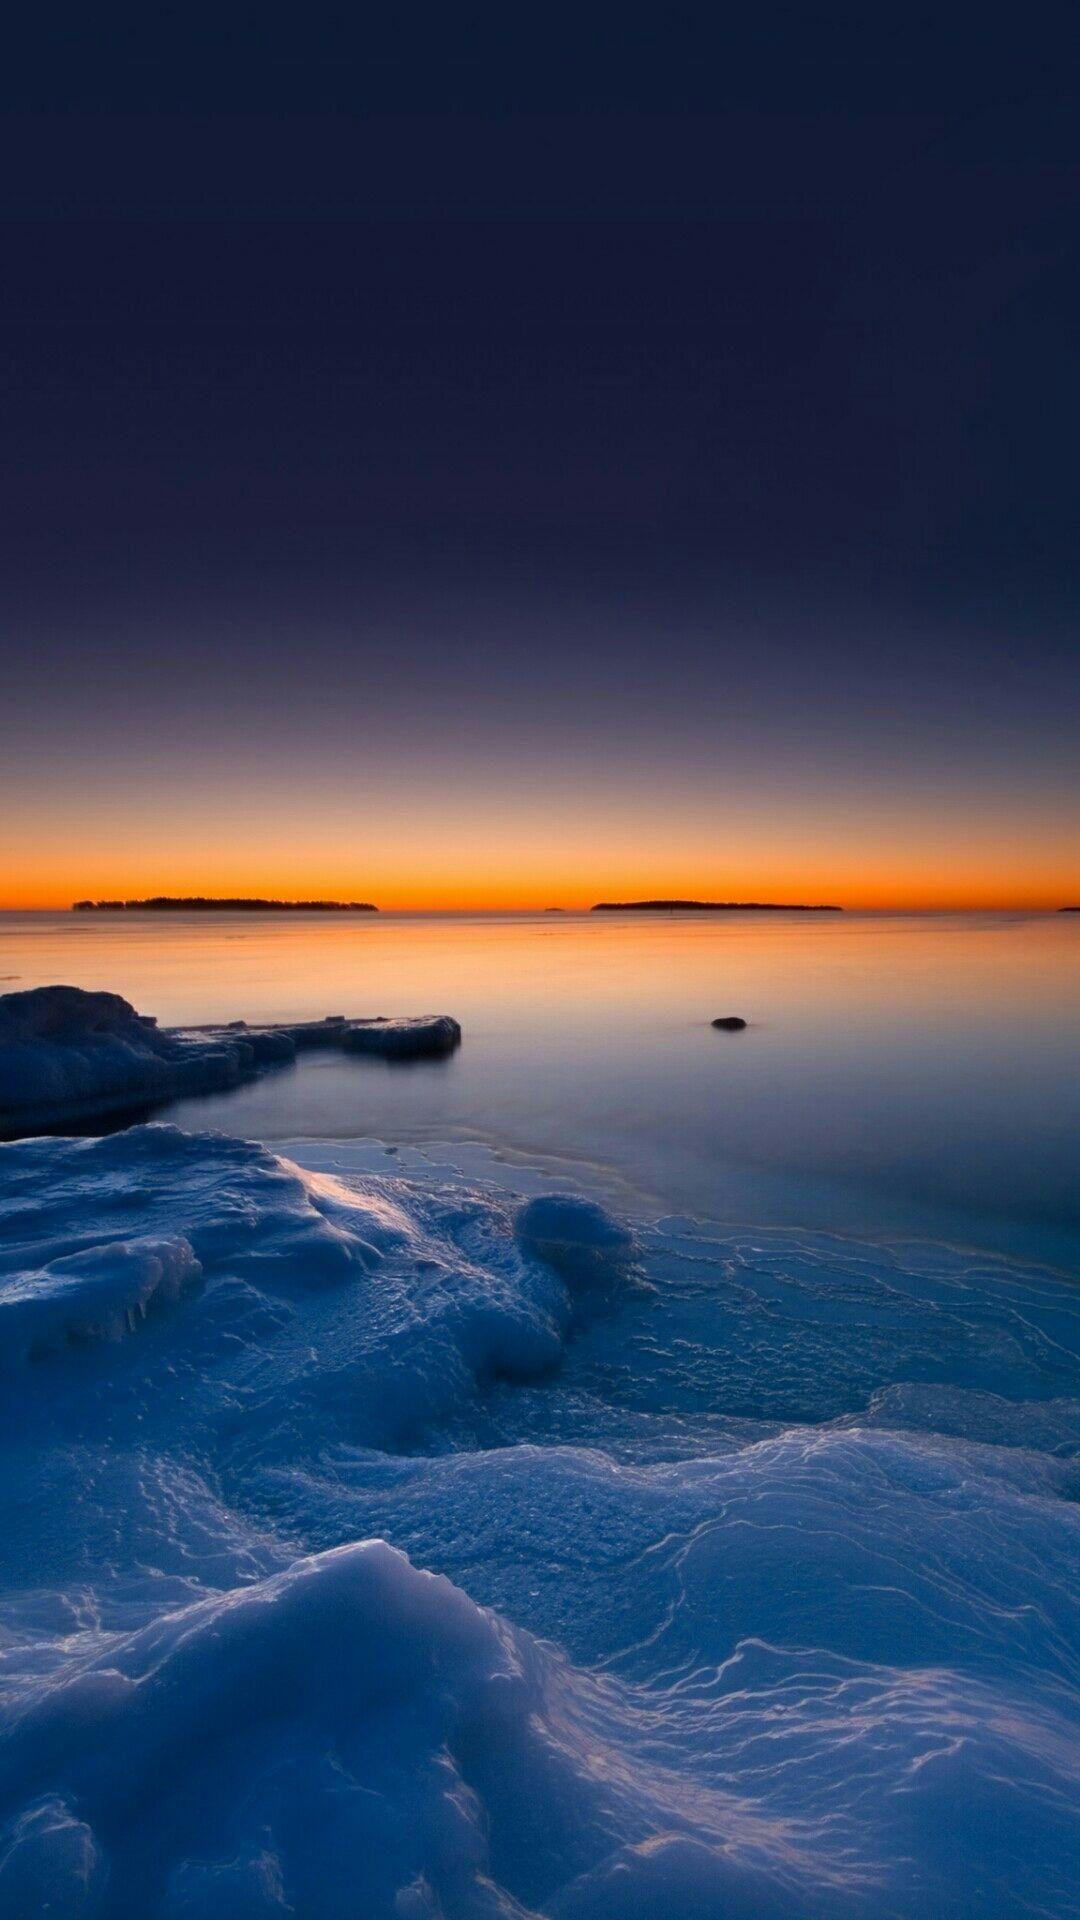 新着9位 水平線が朝日に輝く Iphonex スマホ壁紙 待受画像ギャラリー 海 壁紙 風景 富士山 画像